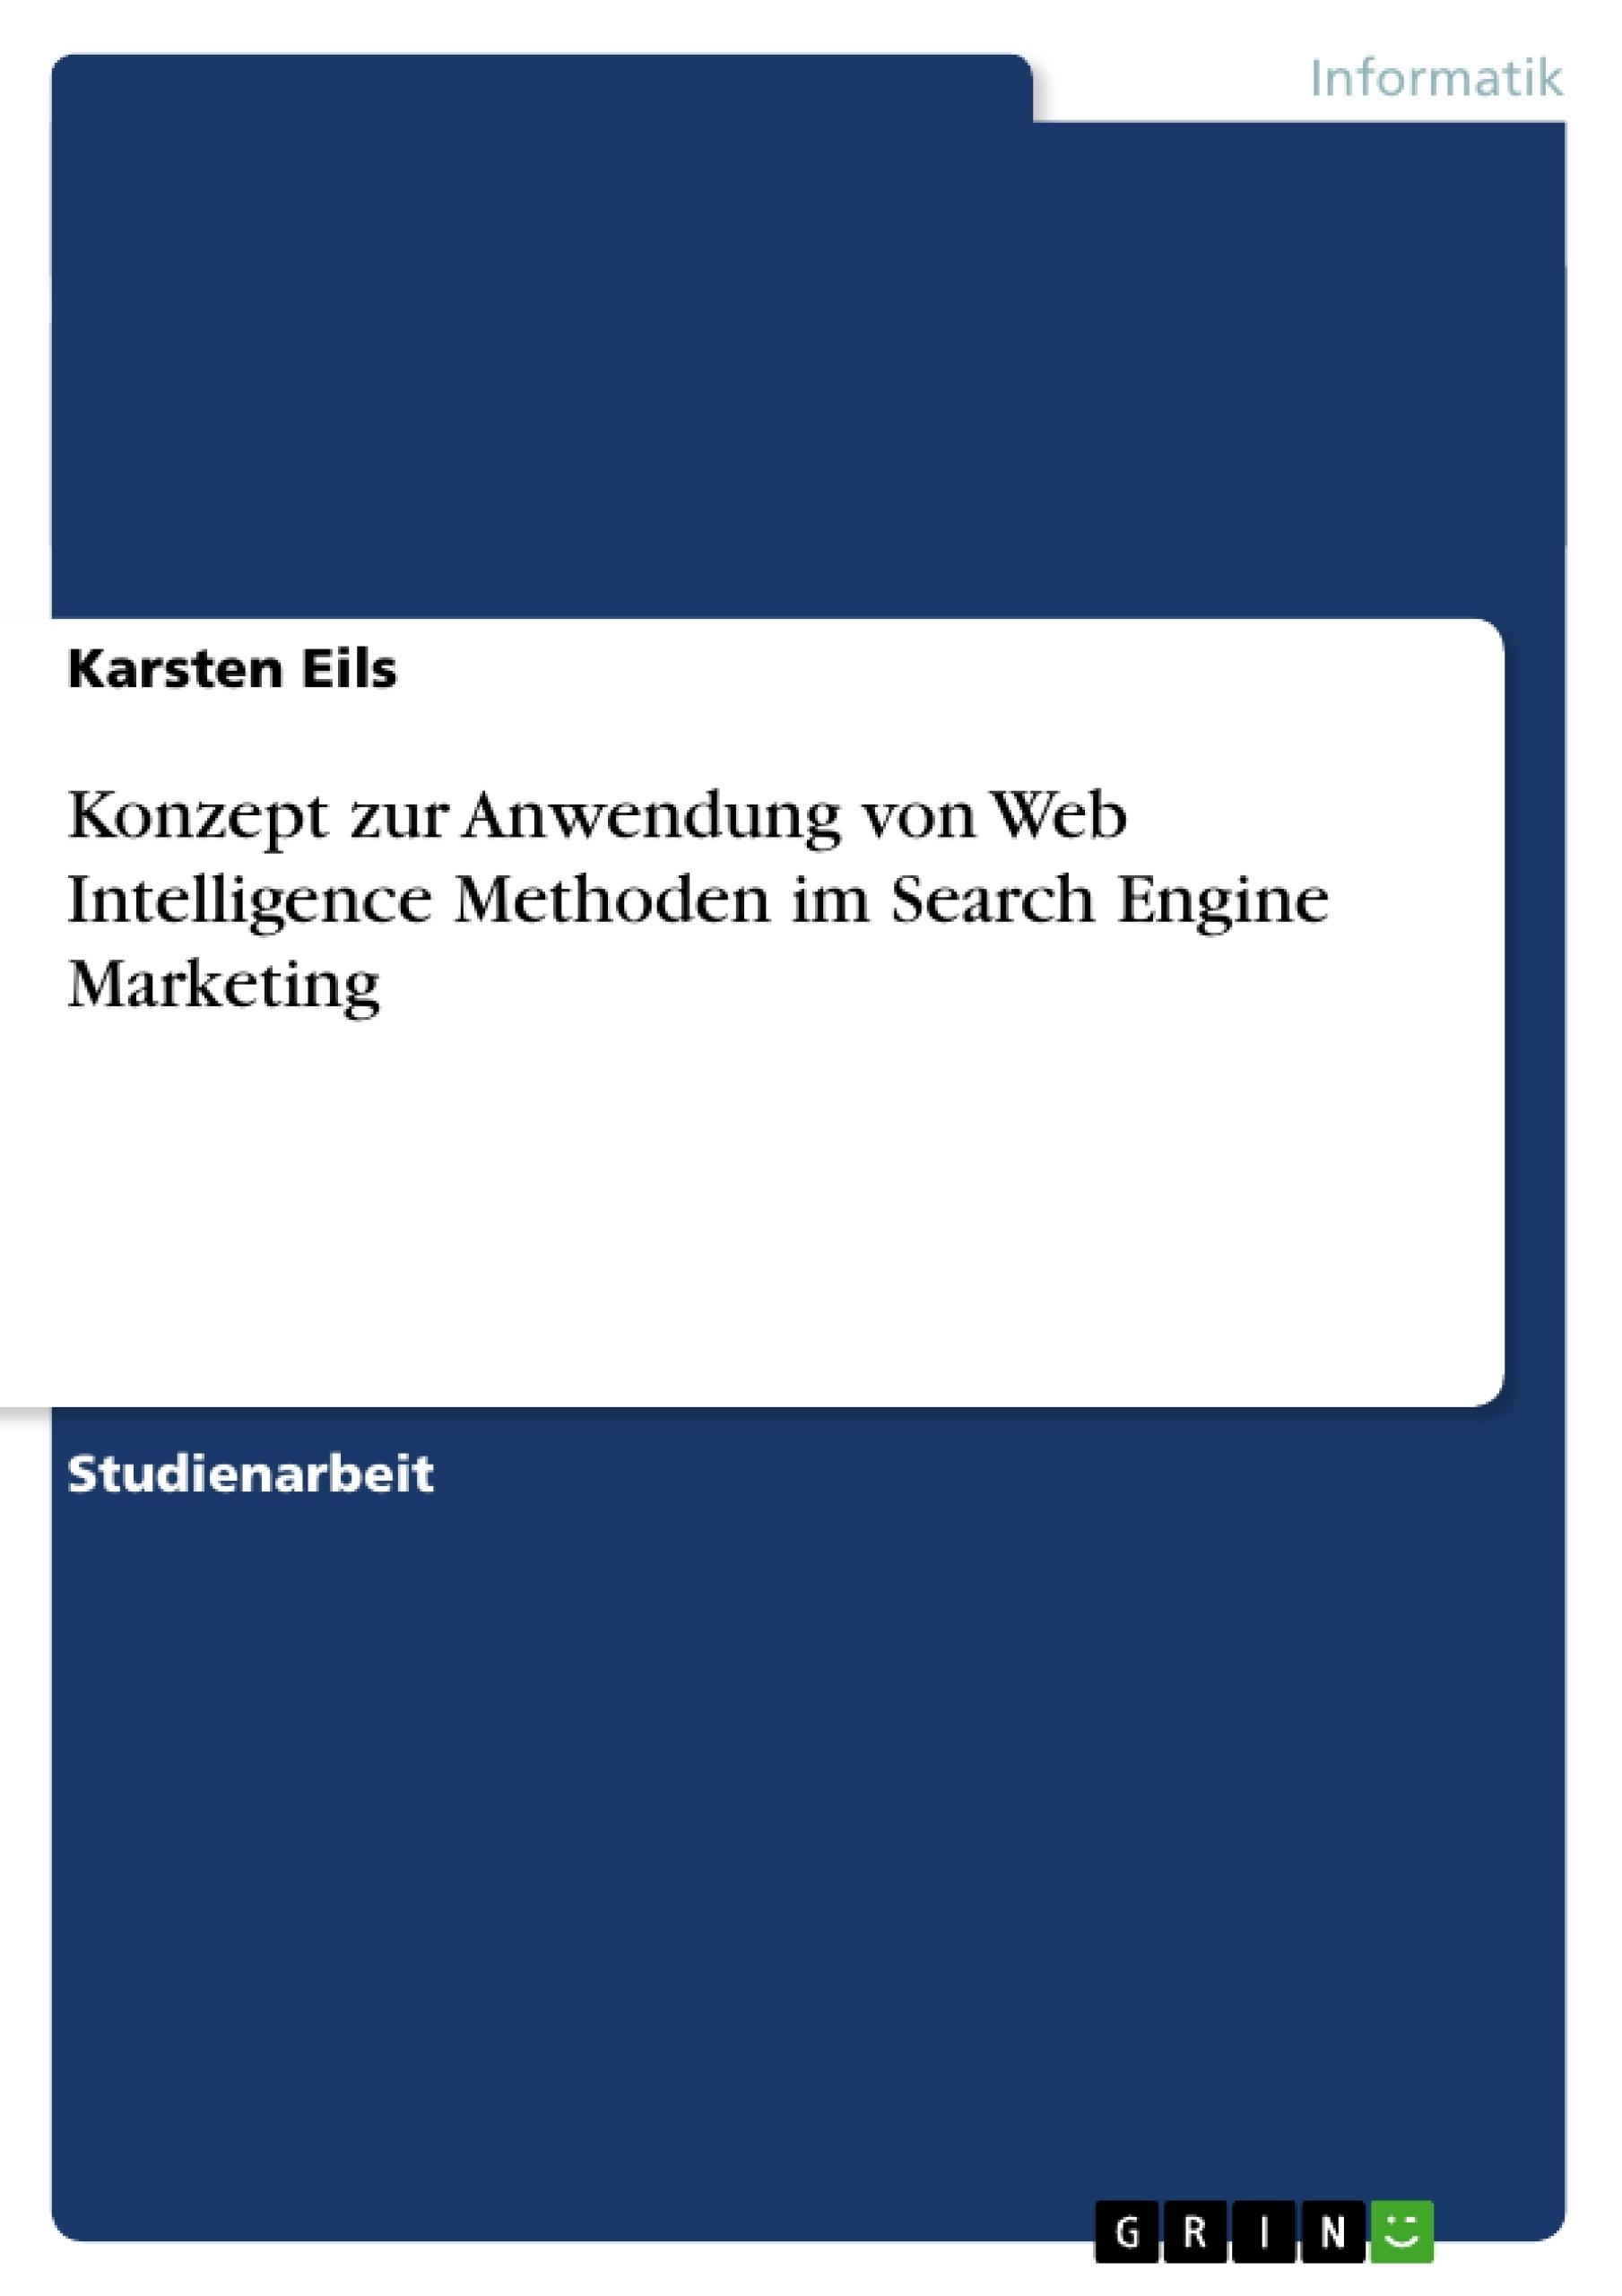 Titel: Konzept zur Anwendung von Web Intelligence Methoden im Search Engine Marketing